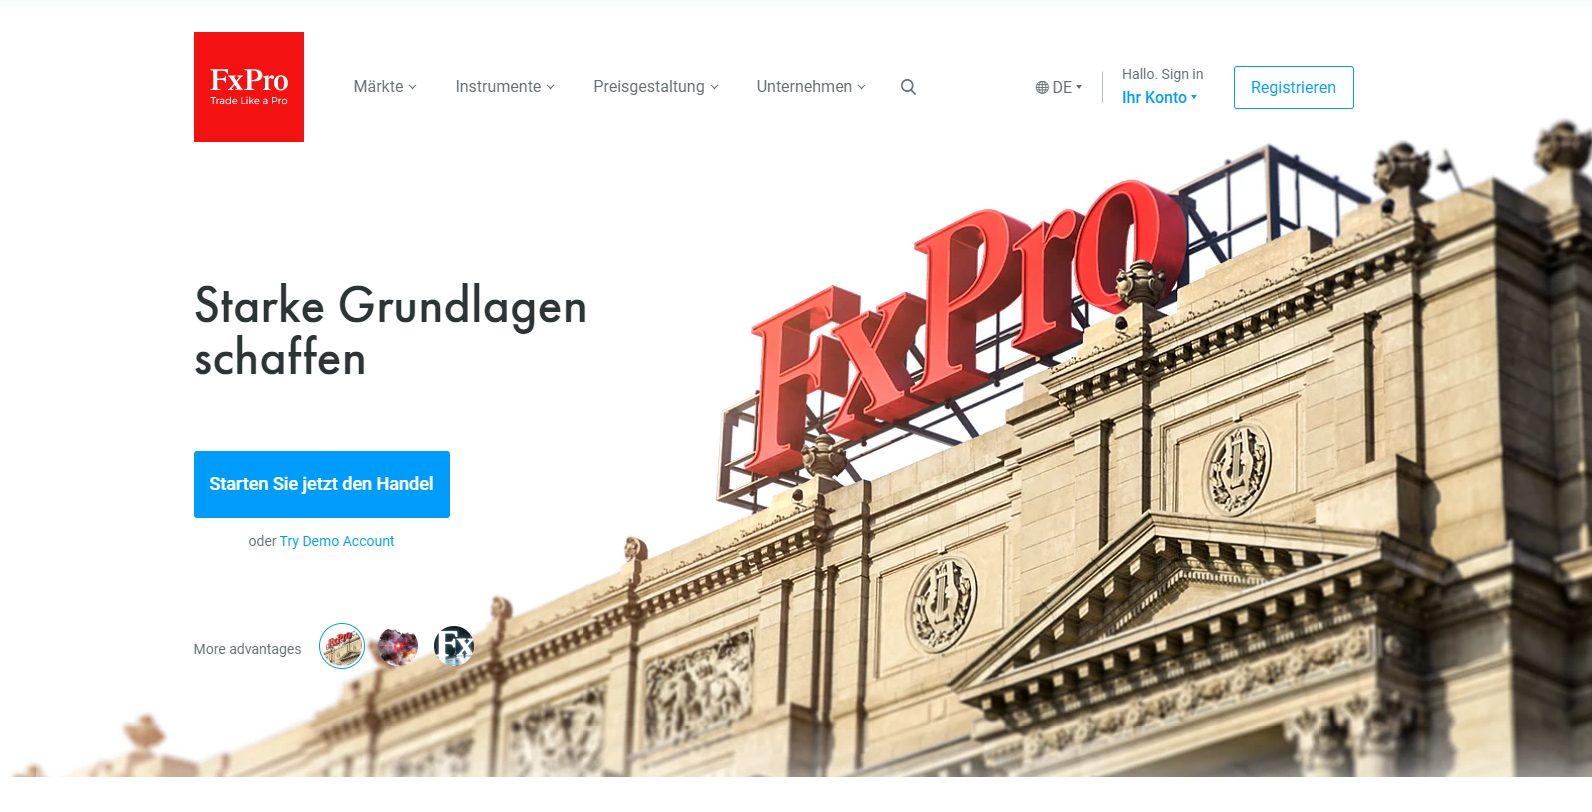 Webseite von FxPro (Screenshot)